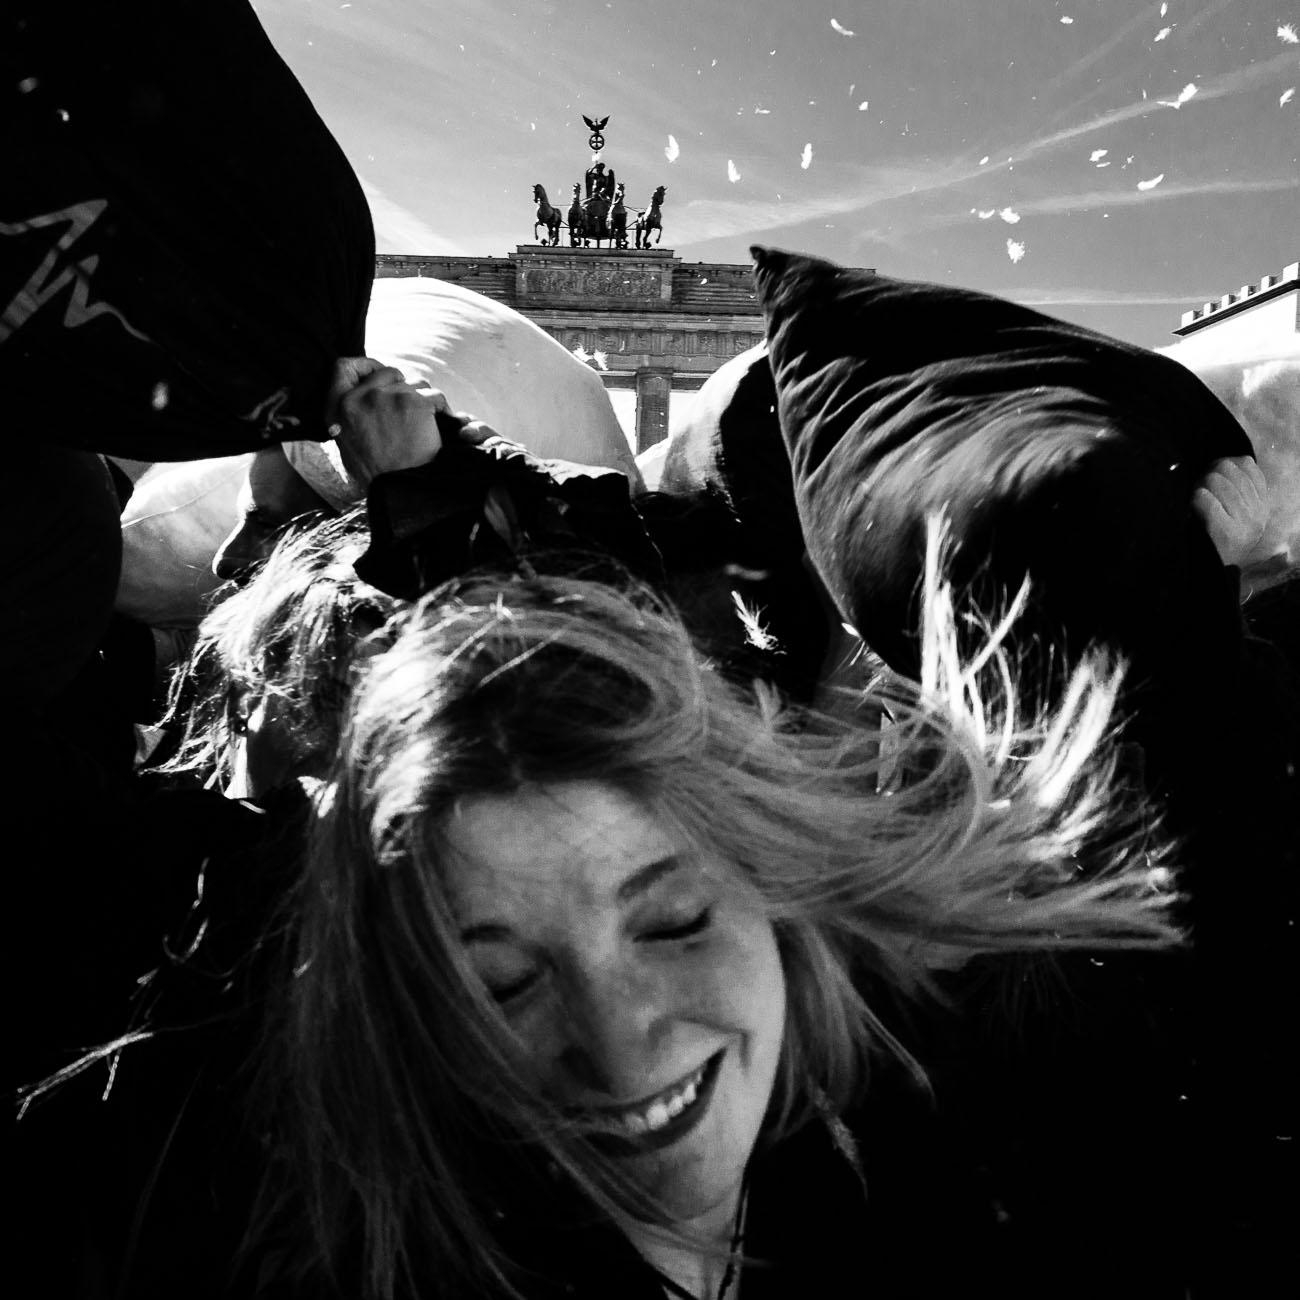 Street Photography Berlin Brandenburger Tor von Martin U Waltz